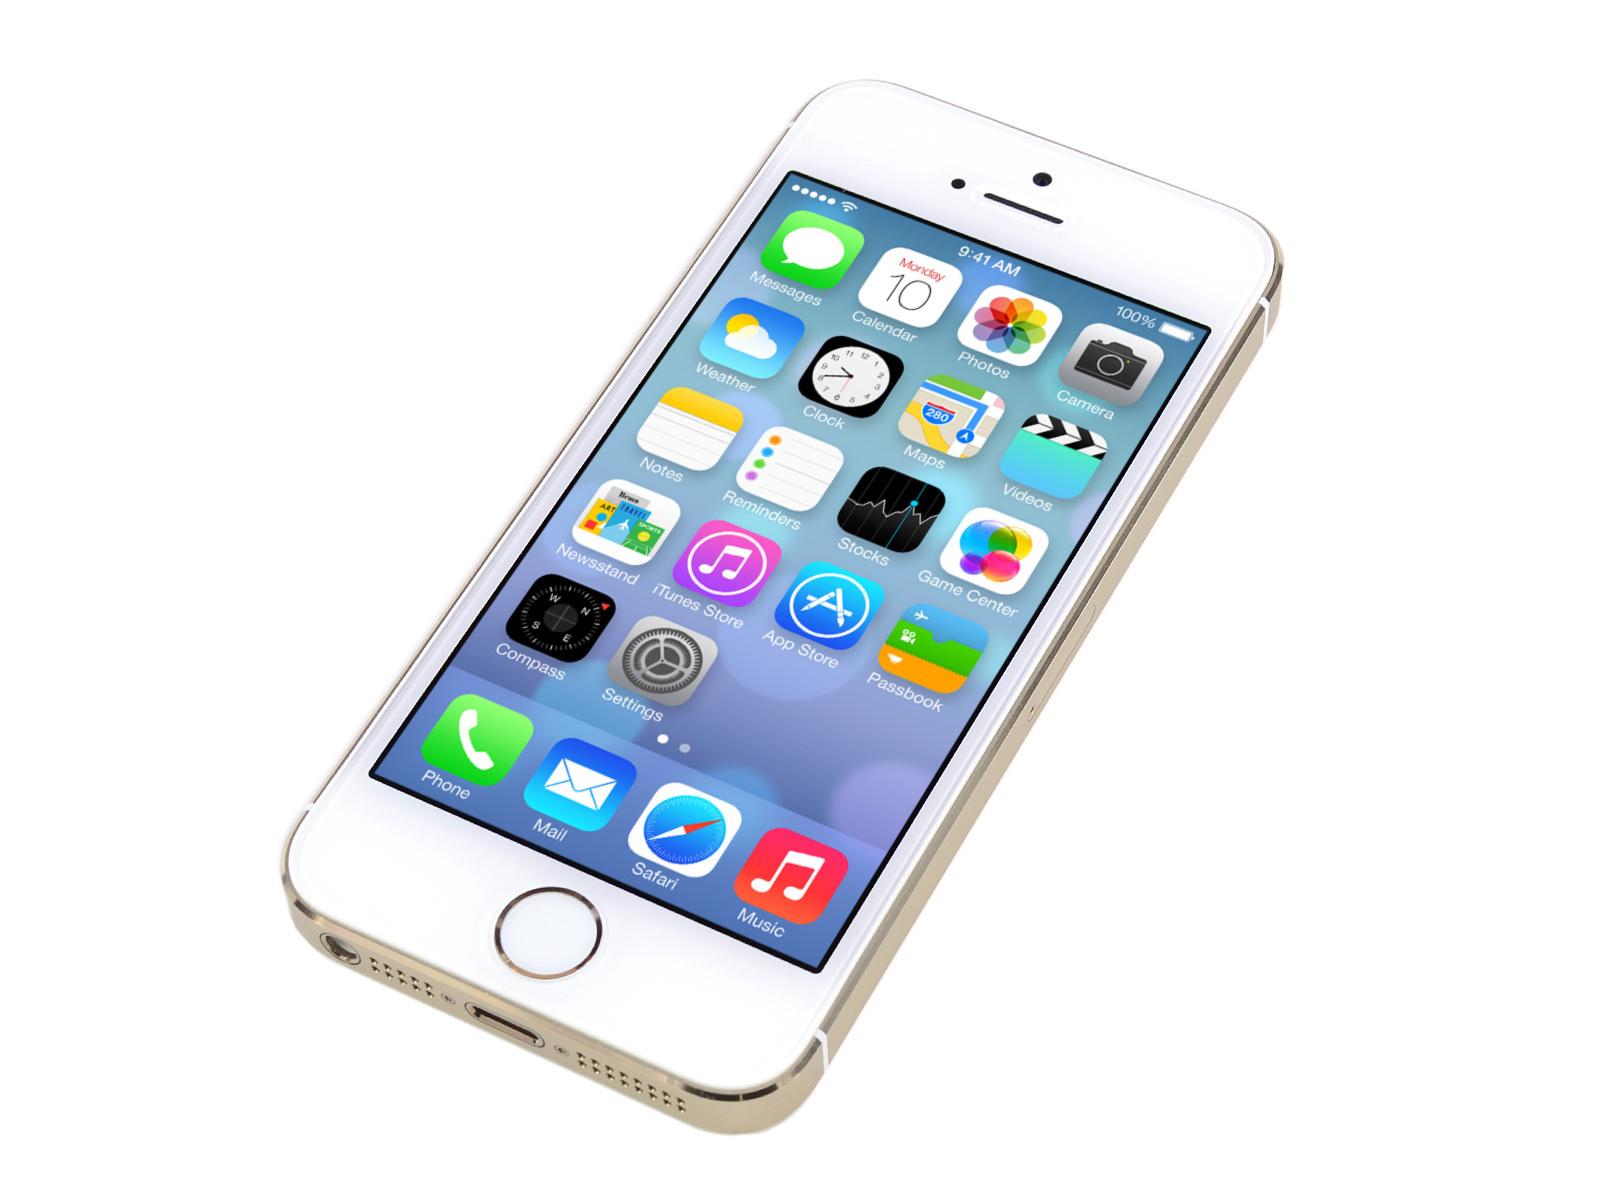 Cách kiểm tra IMEI iPhone nhanh nhất